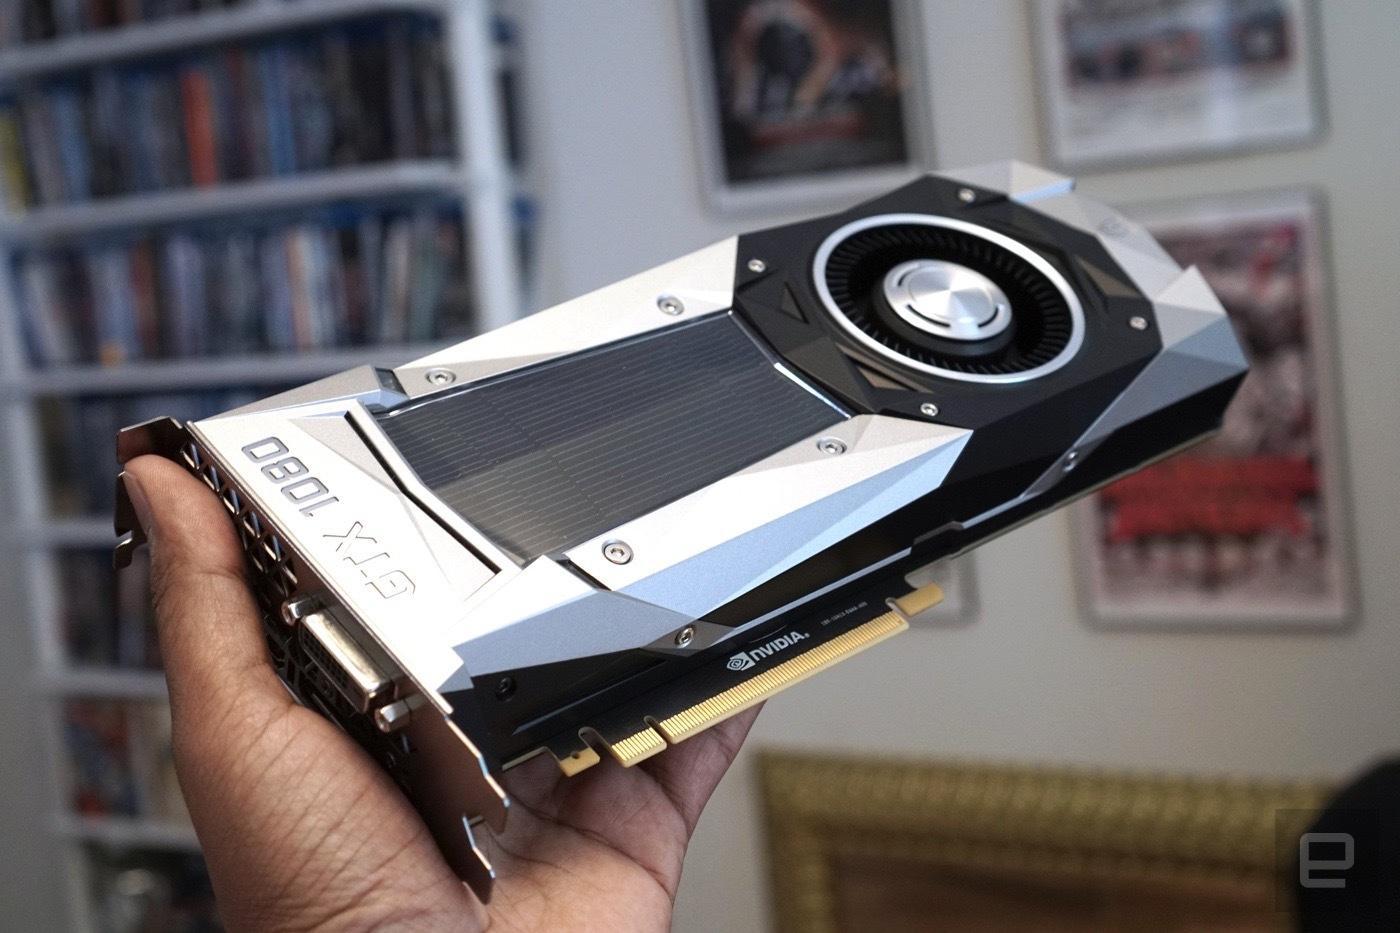 英伟达GPU也受英特尔漏洞影响,修复后对性能影响未知